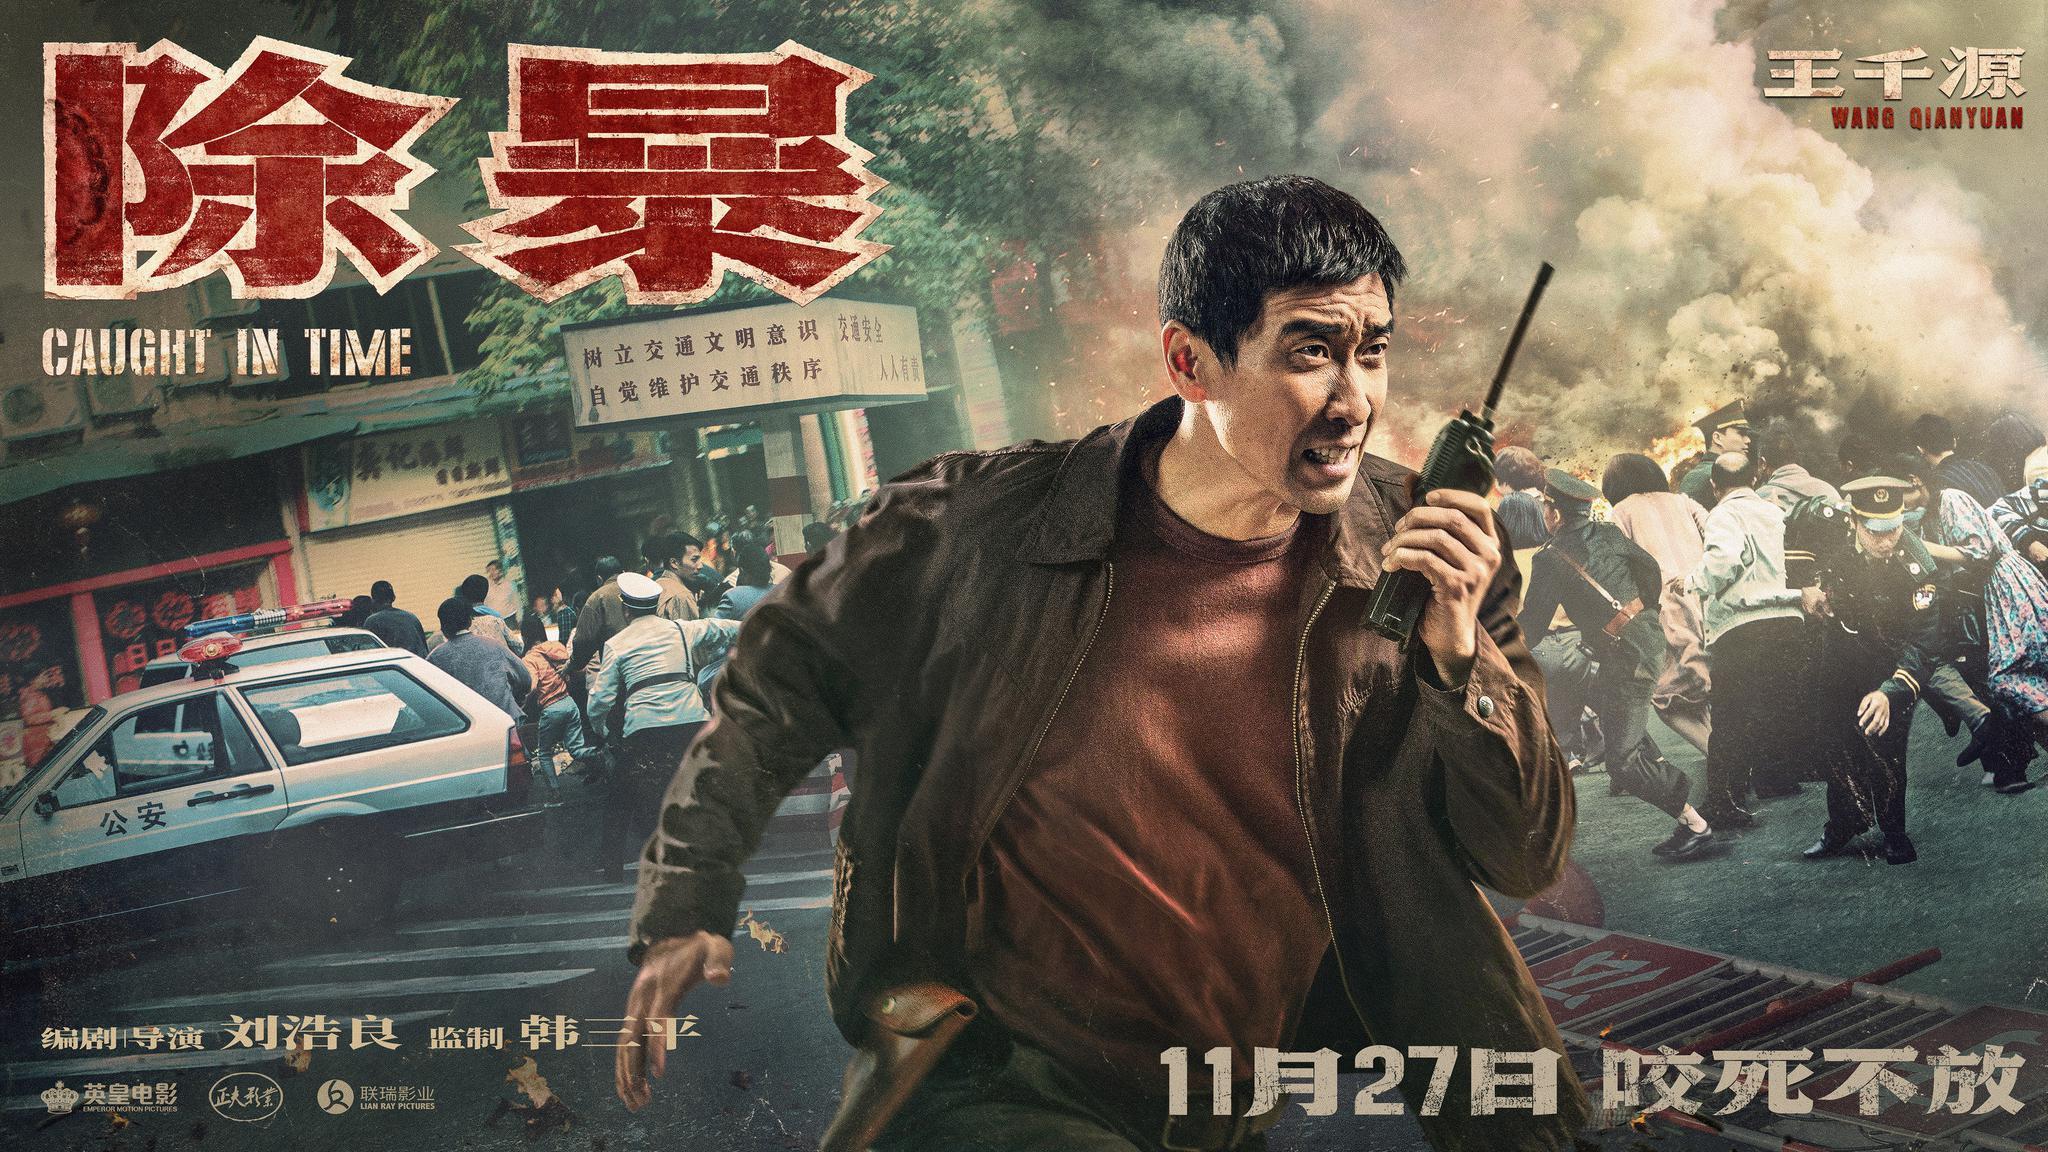 电影《除暴》曝角色海报,吴彦祖挑衅王千源图片